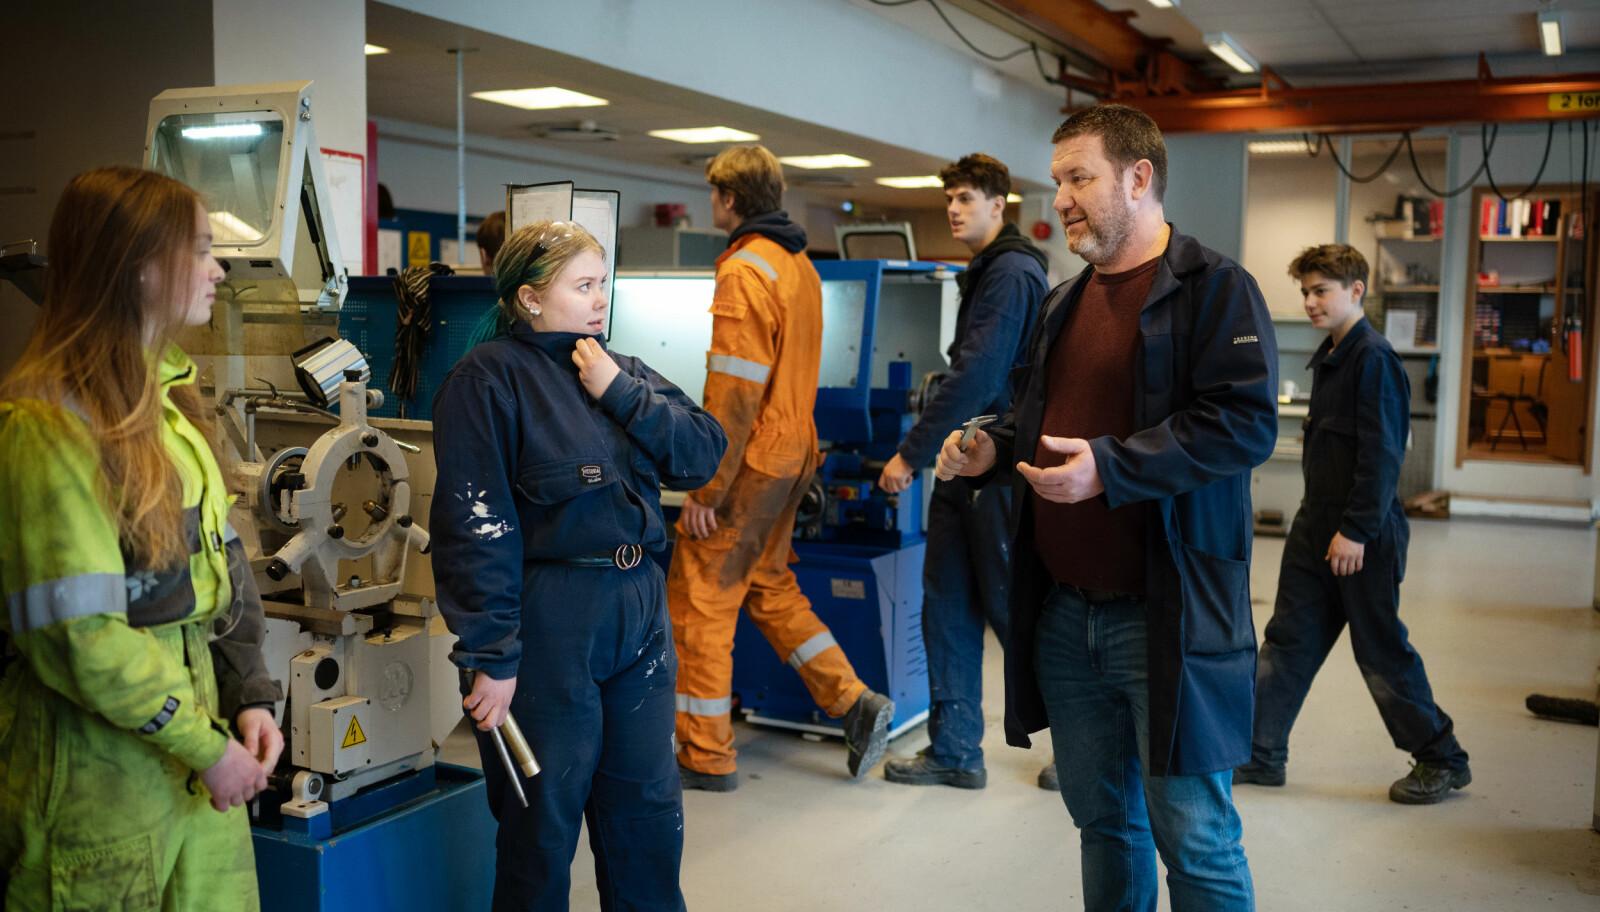 – Vi trenger å få opp kvaliteten, og det bidrar jentene til, mener Geir Jacobsen, avdelingsleder ved teknologi- og industrifag. Her snakker han med elevene Leah Ågotnes (til venstre) og Iris Solheim.